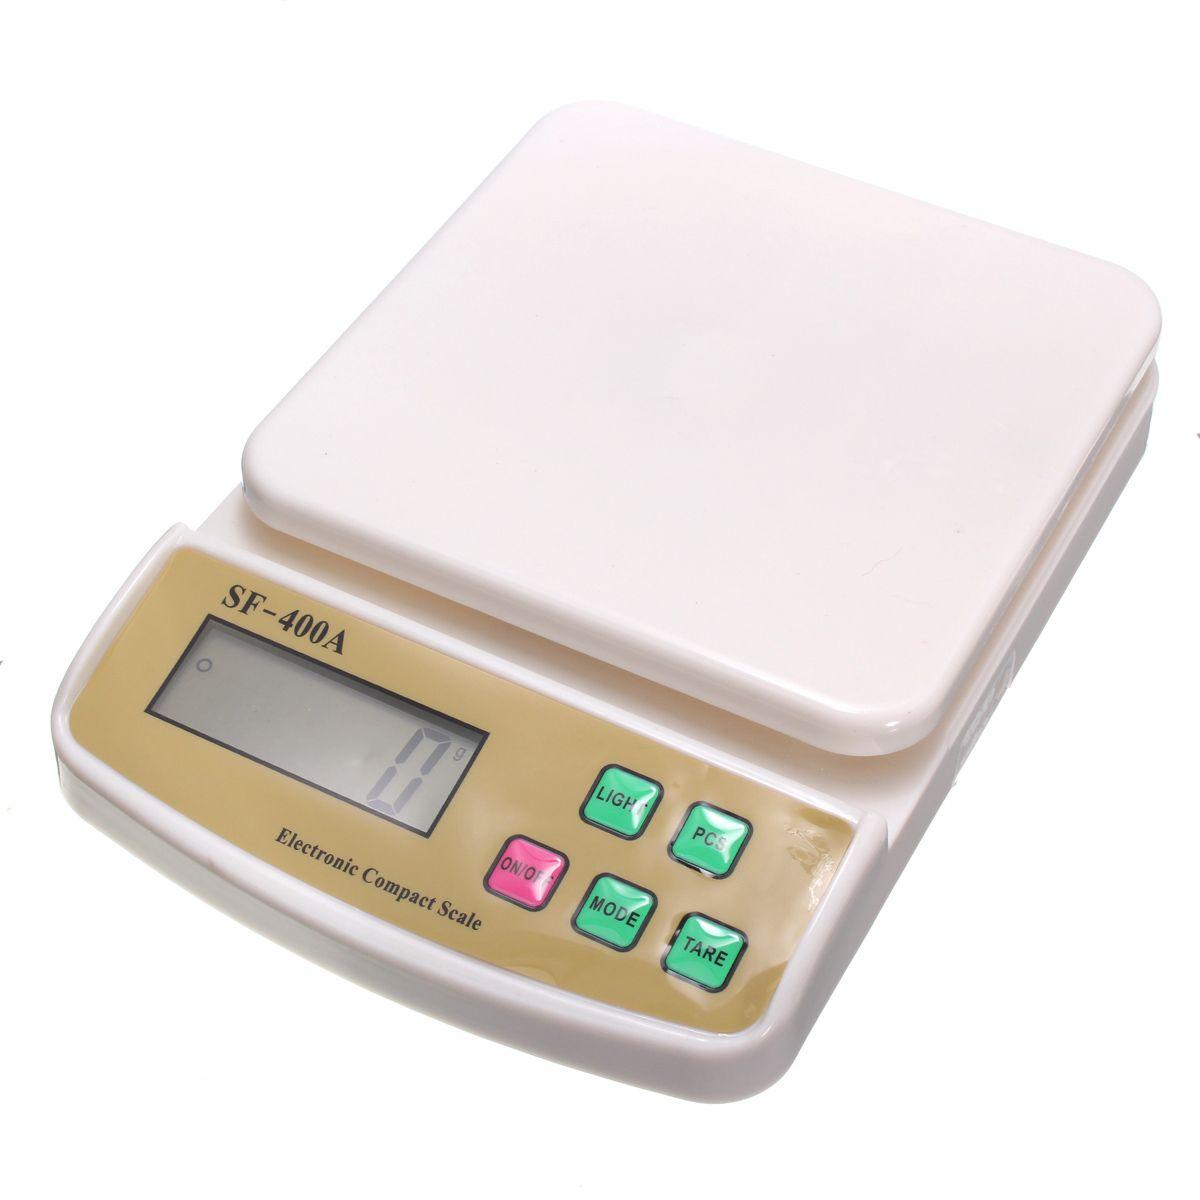 Balanza digital 10kg / 1g sf- 400a para la balanza de cocina ...